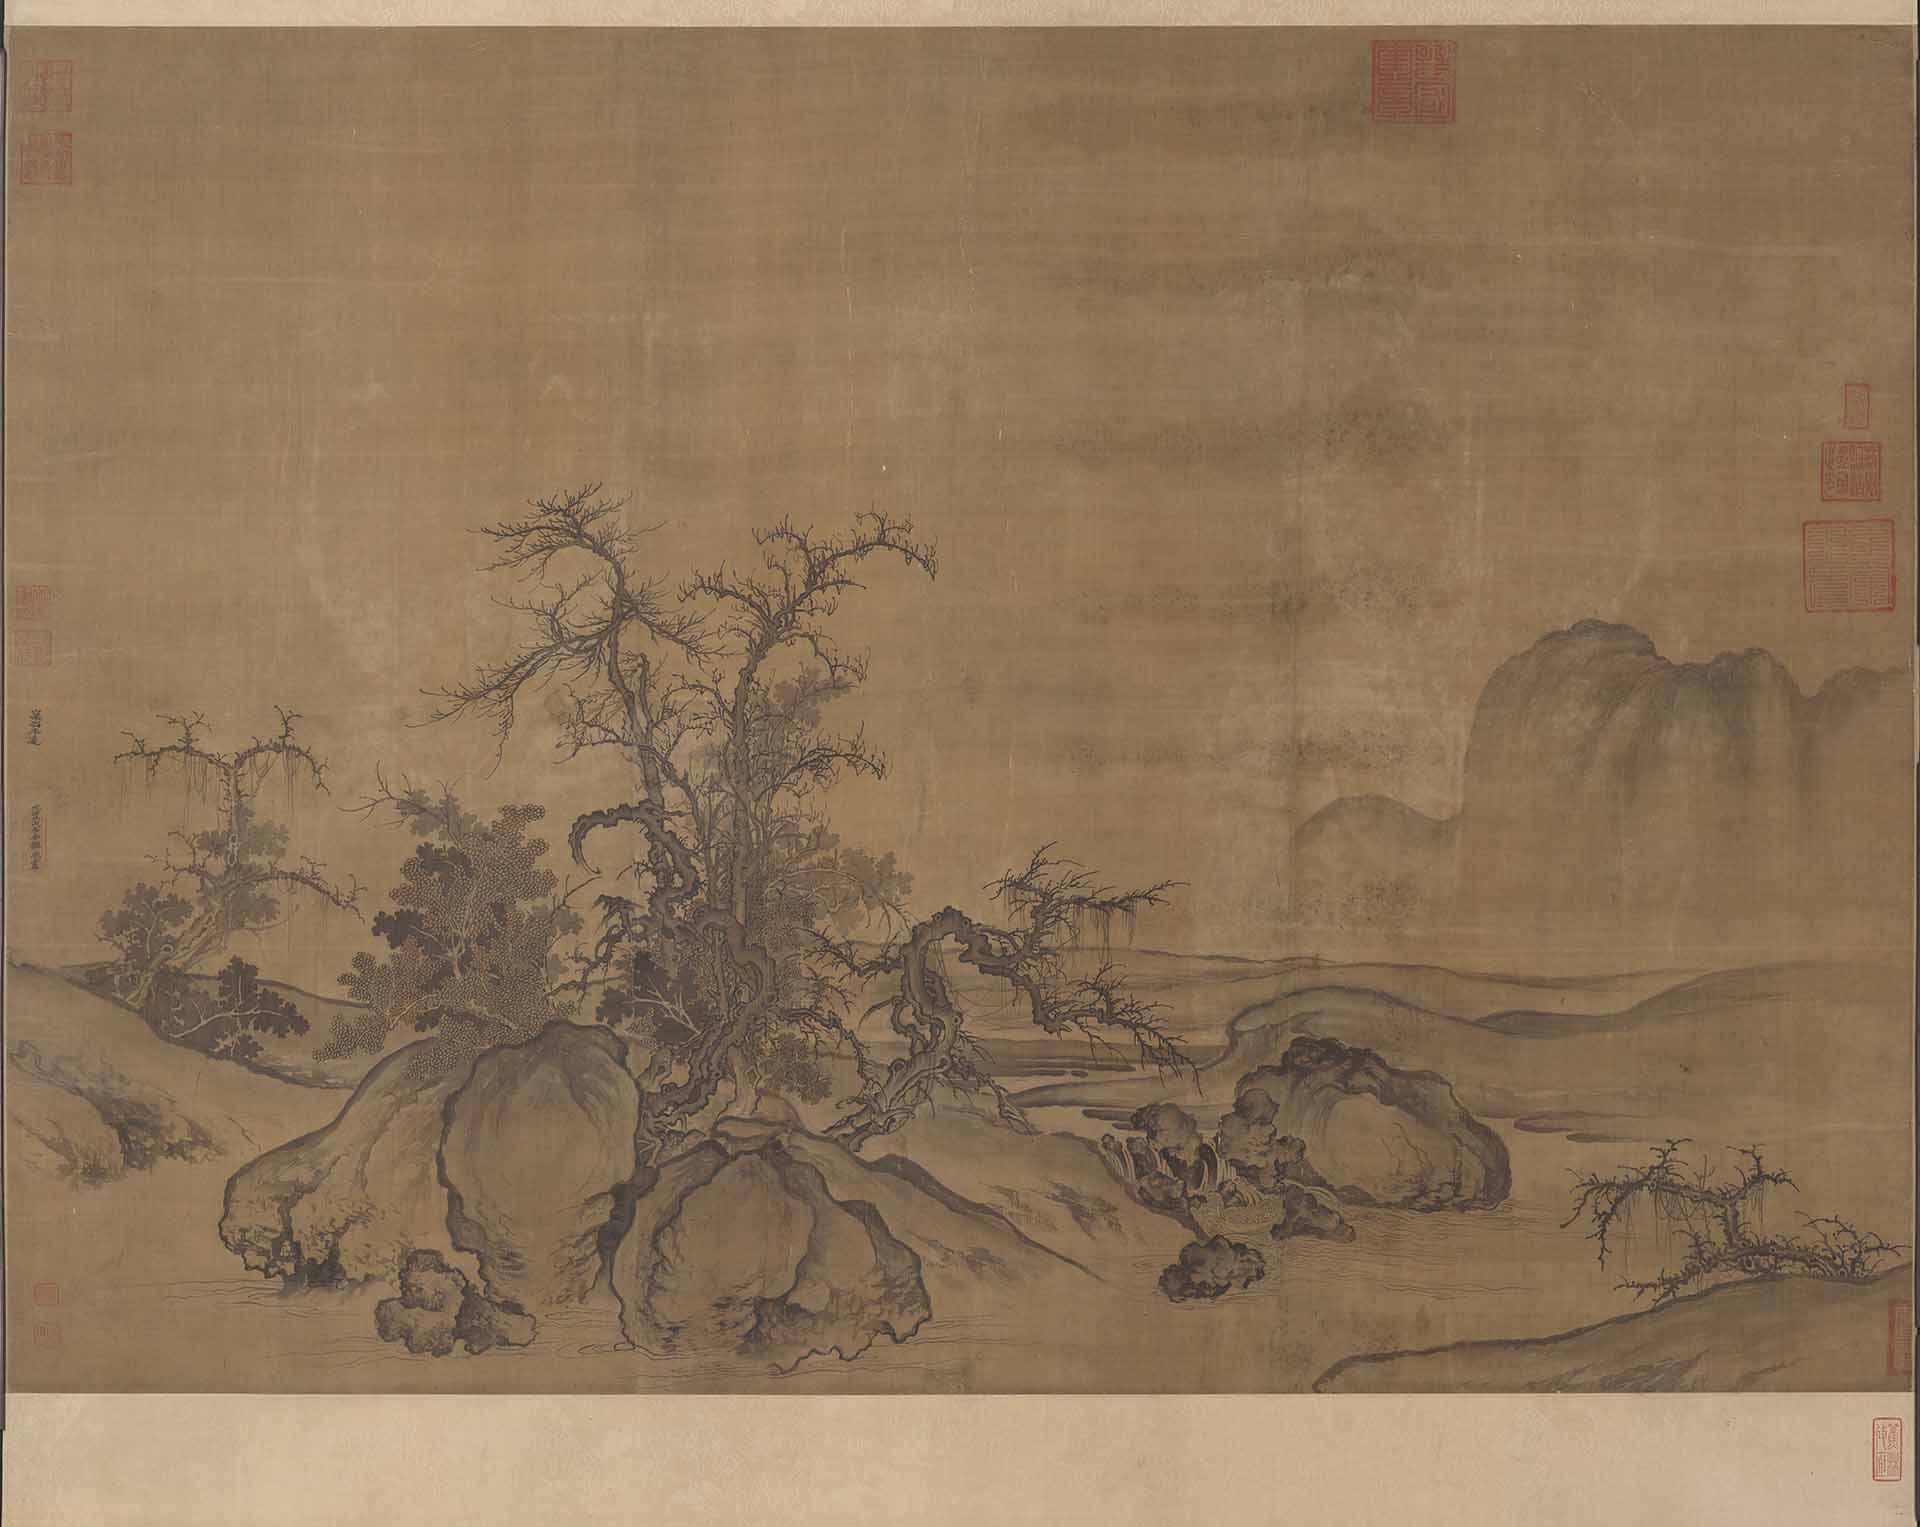 郭熙窠石平远图卷